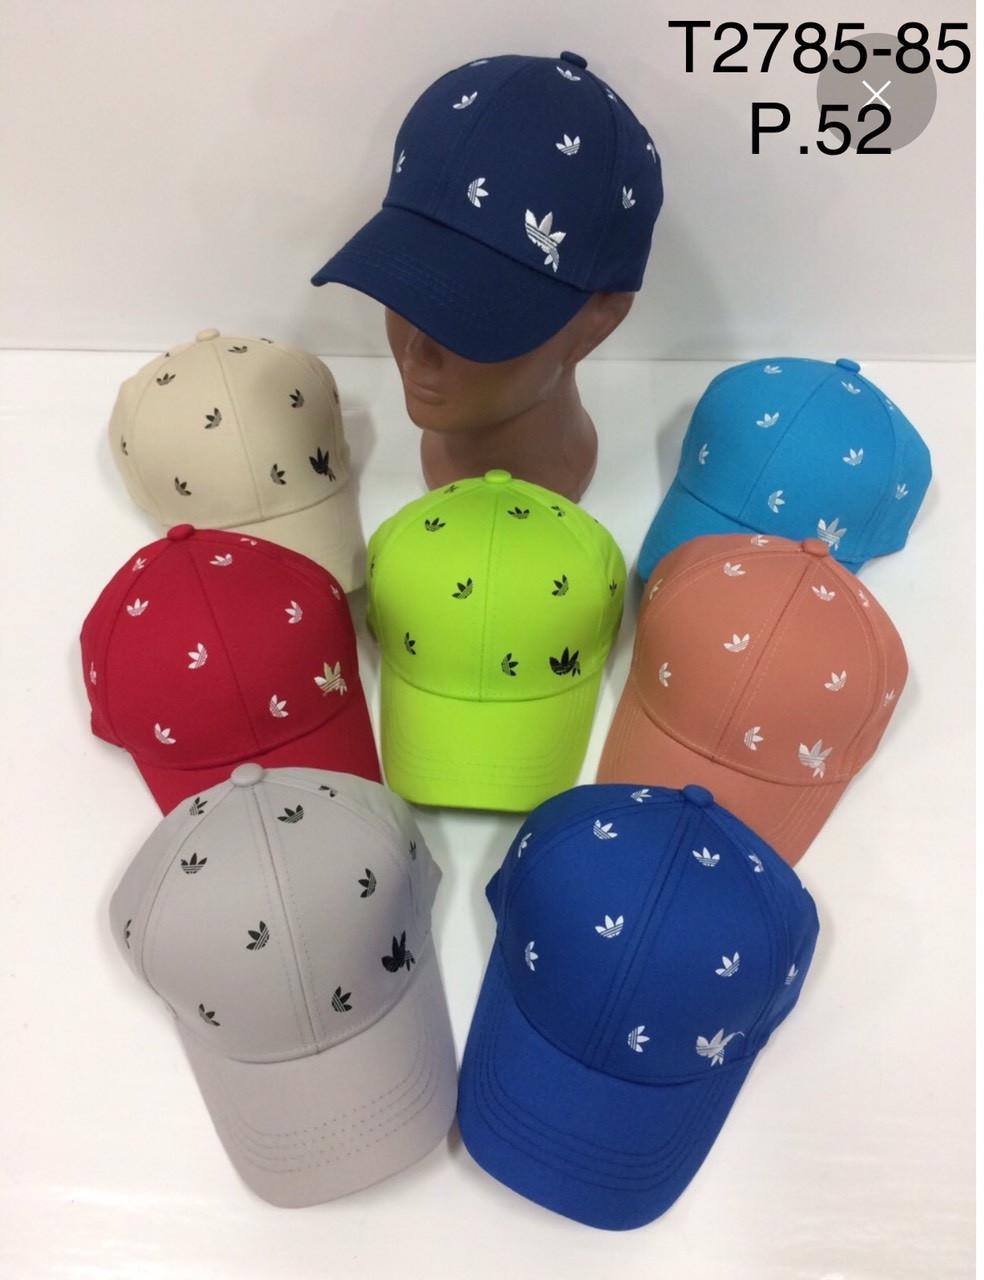 Спортивная кепка для мальчика Adidas р.52